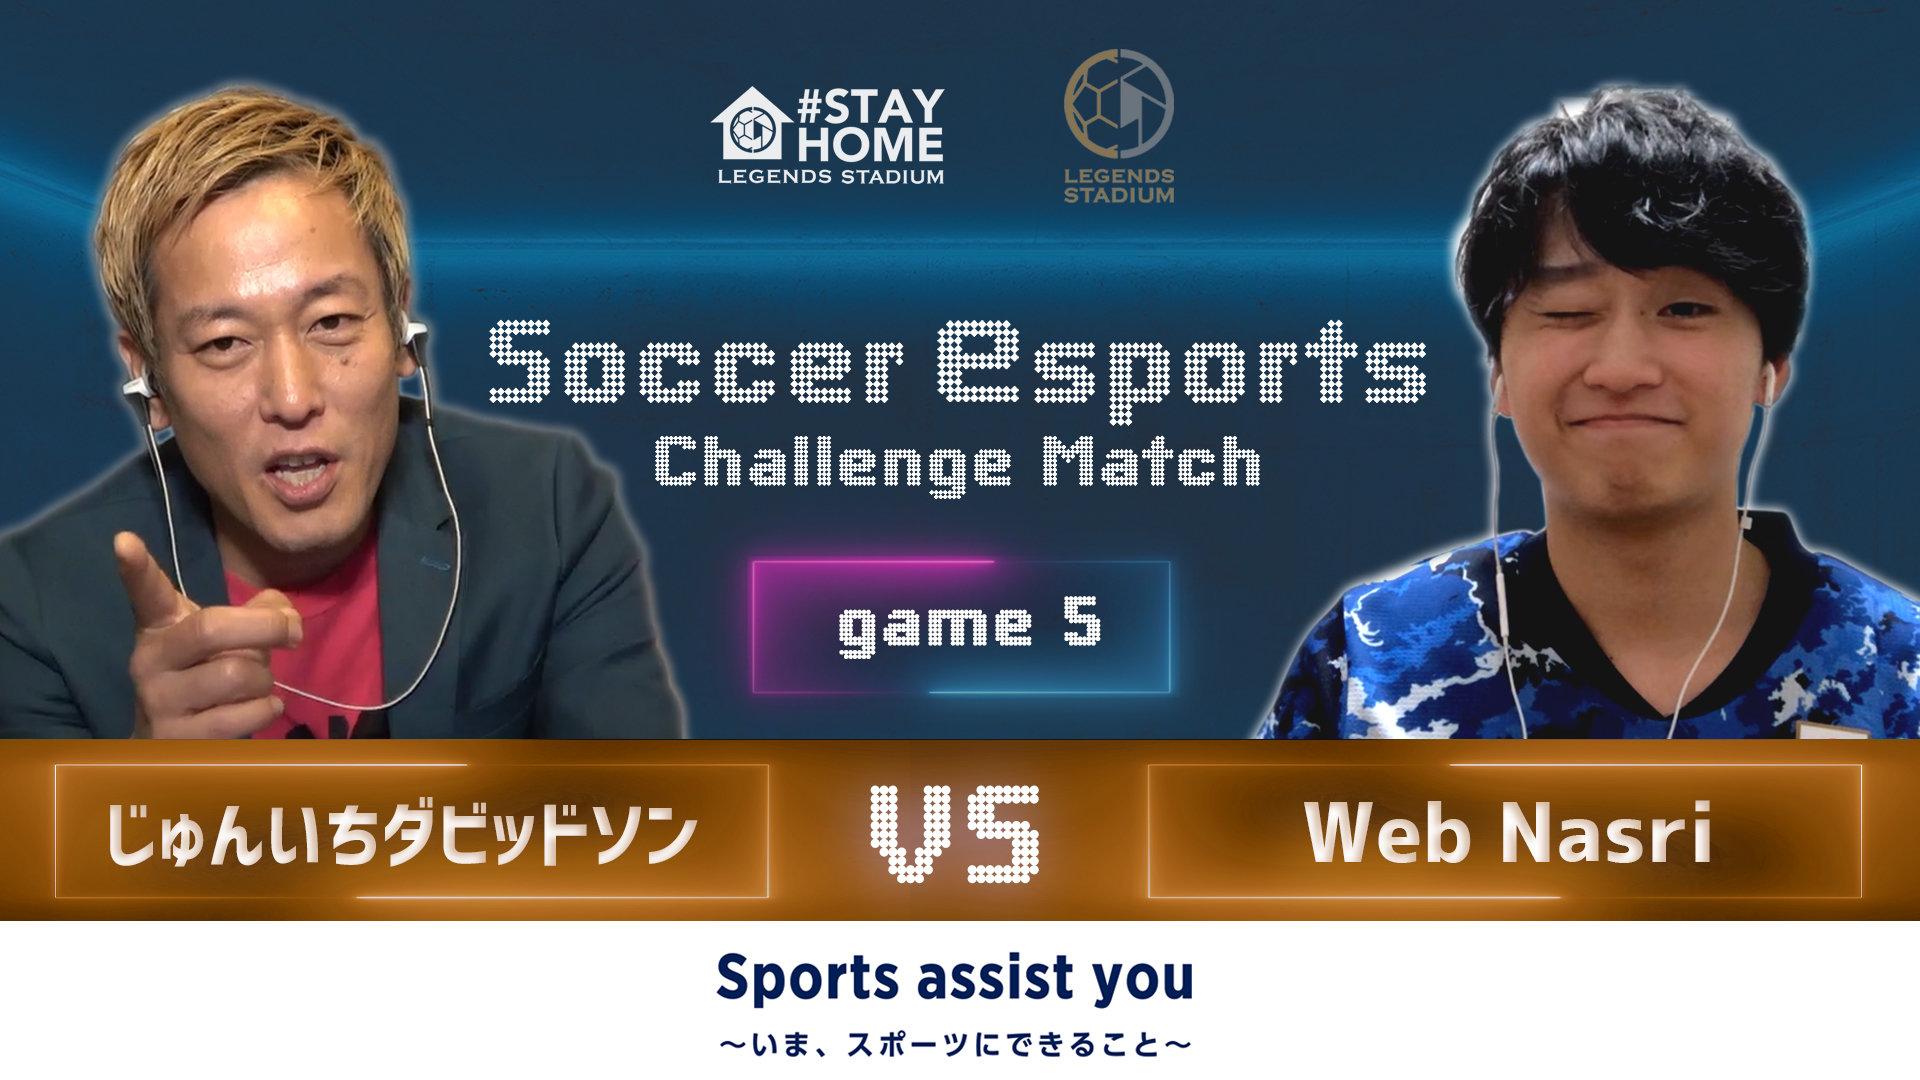 芸人対決を制したじゅんいちダビッドソンがサッカーe日本代表に挑戦。Web Nasriの圧倒的強さを知る